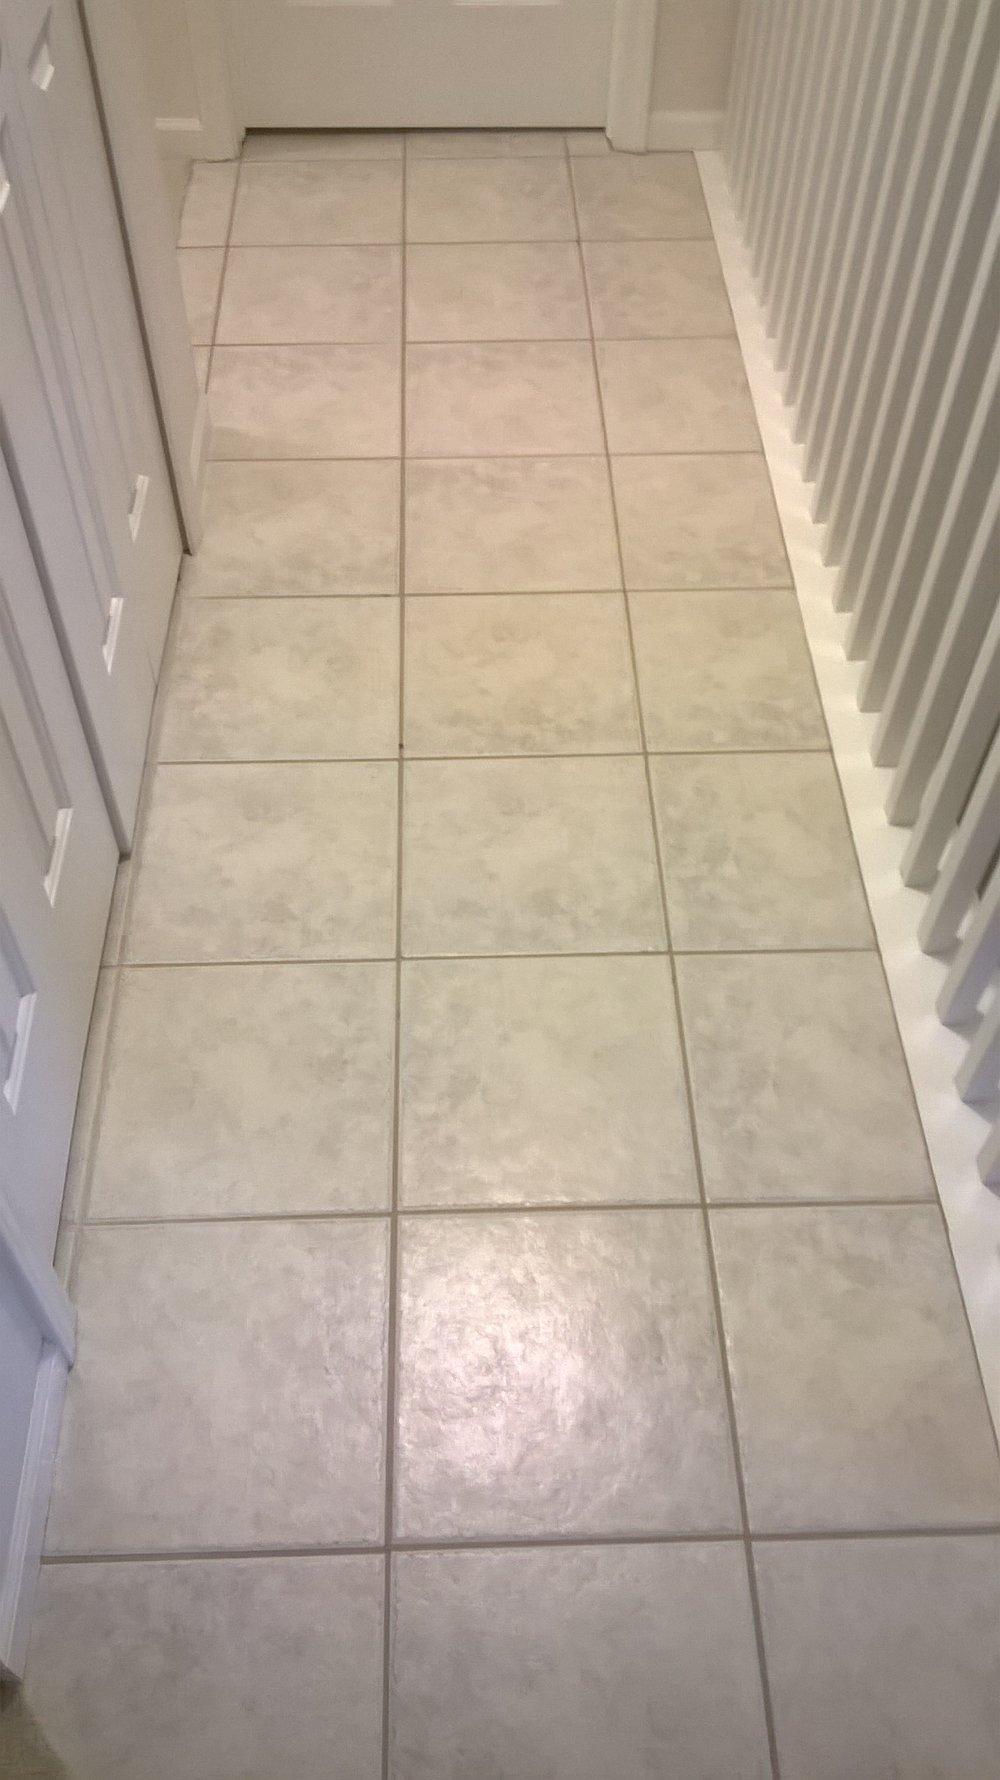 hallwaybefore1.jpg